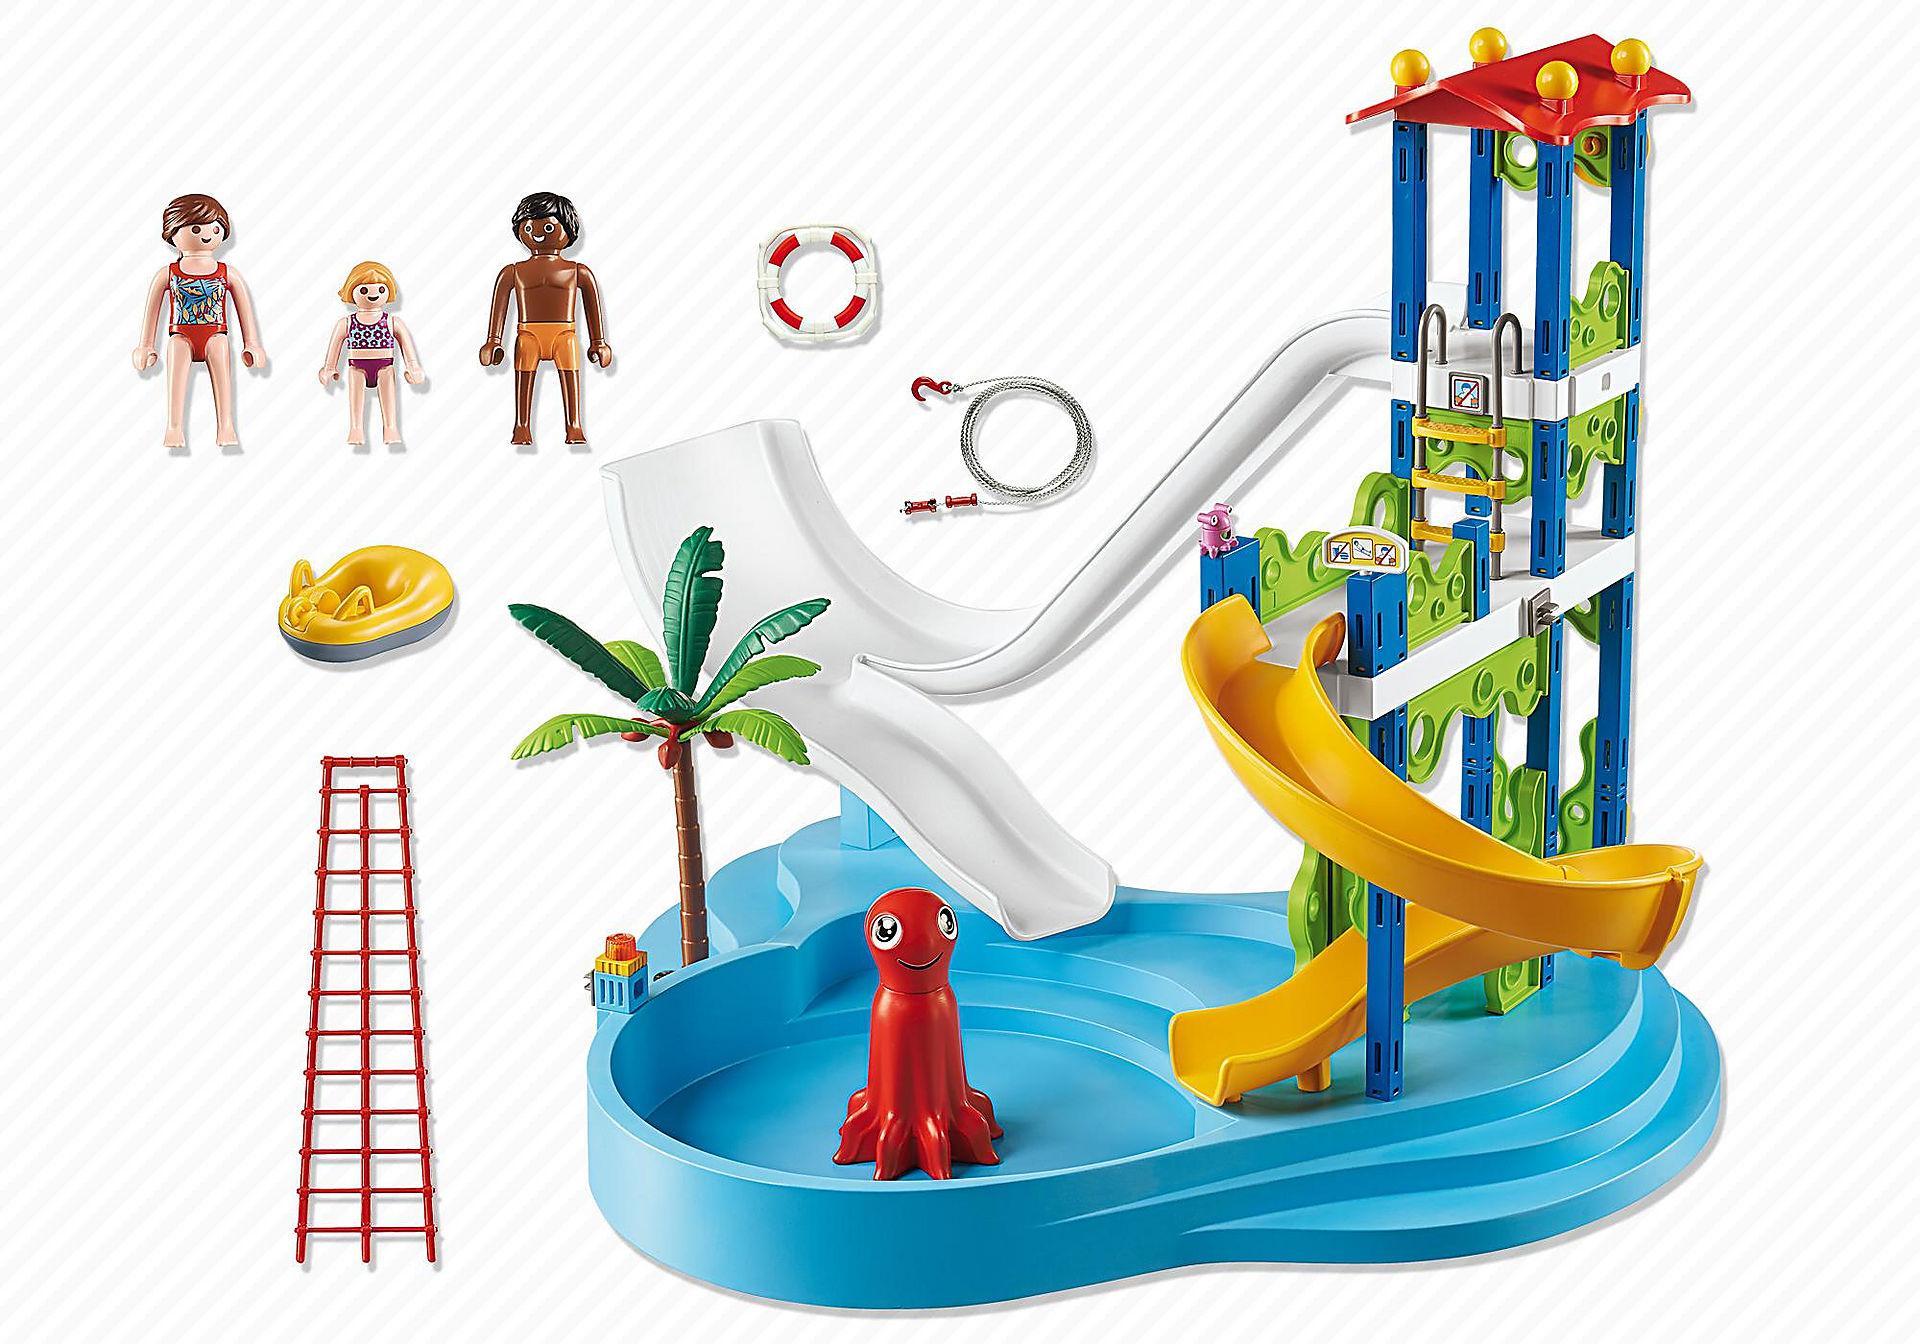 6669 Torre degli scivoli con piscina zoom image4